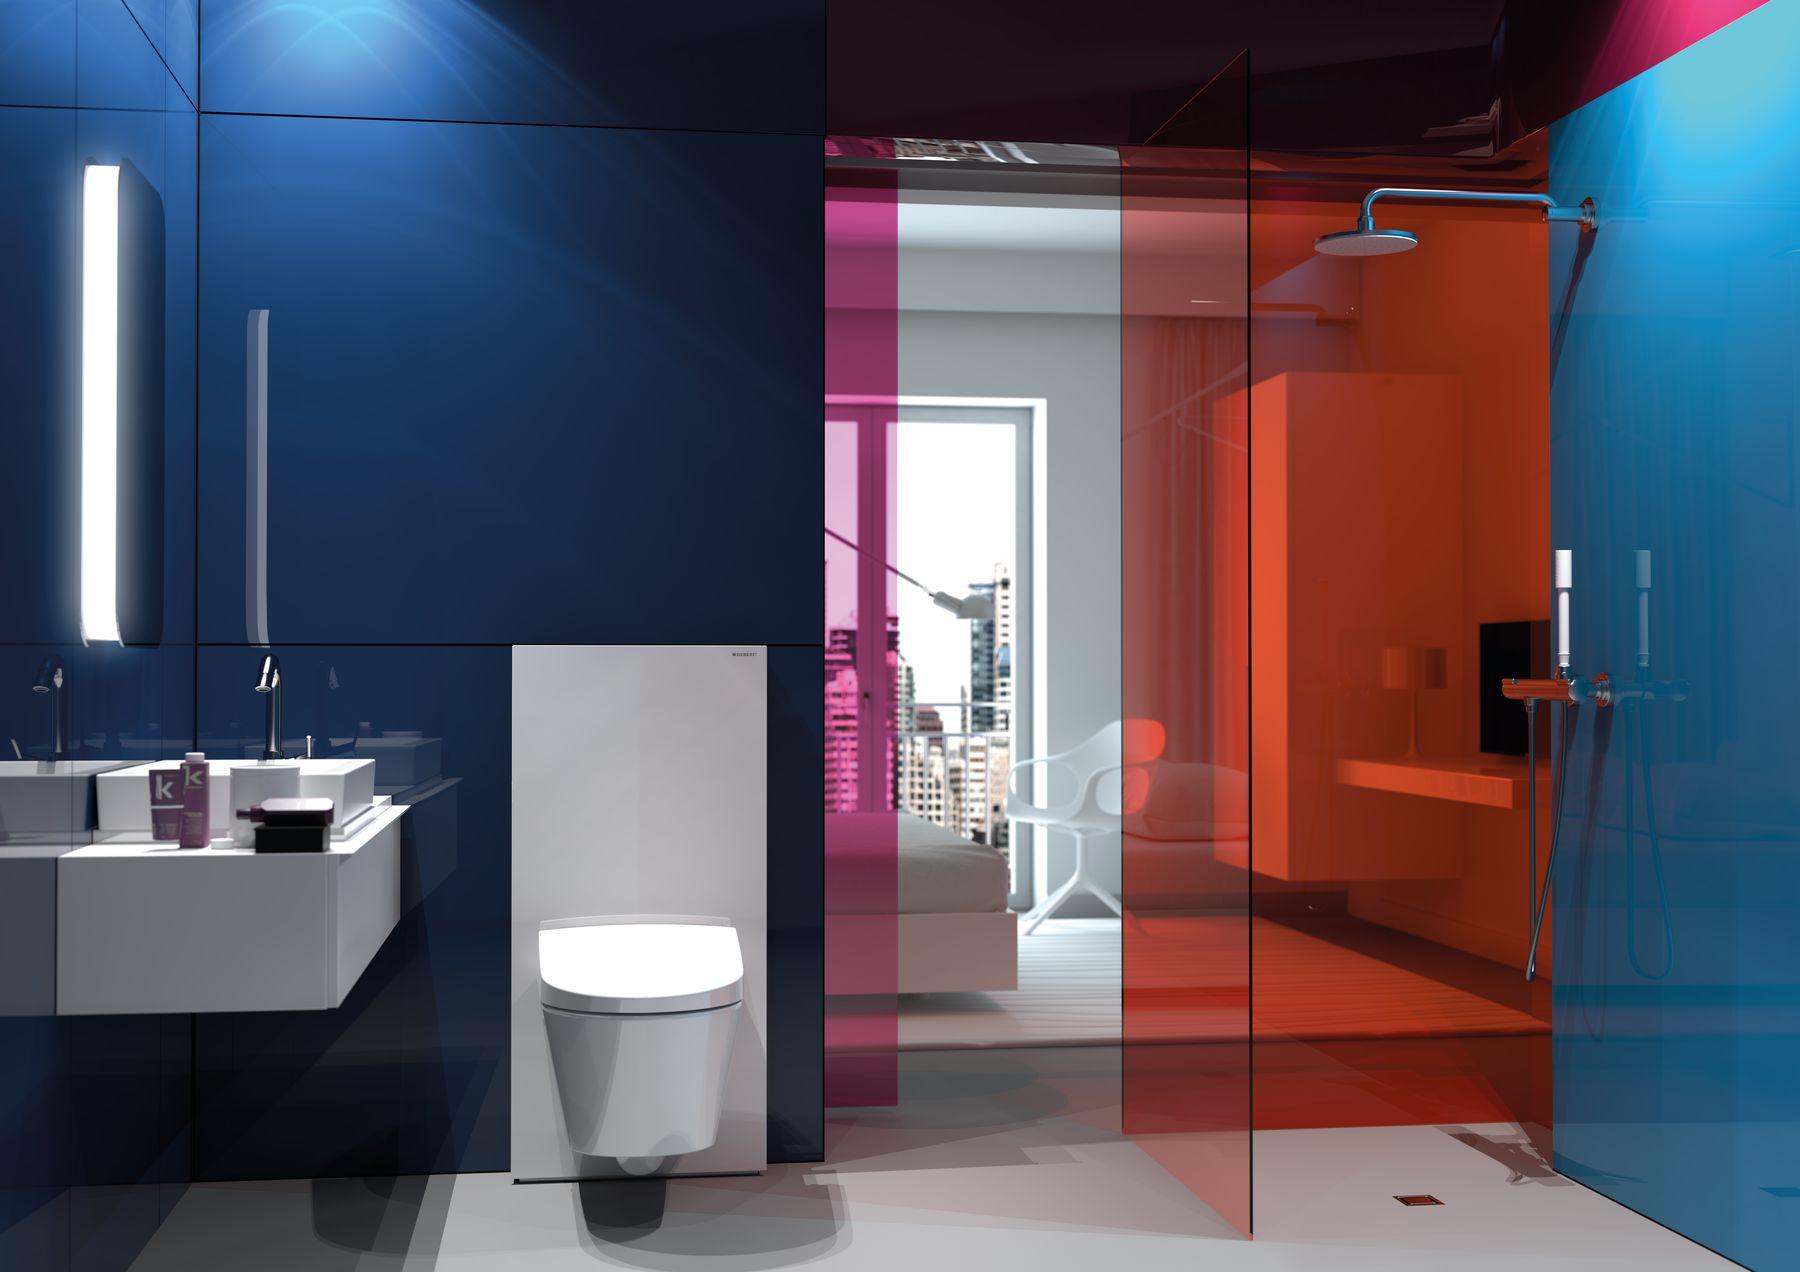 Zdjęcie przedstawia nowoczesną łązienkę hotelową w odcieniach granatu i błękitu na ścianach, bieli na podłodze i koralowej szyby prysznicowej. Po lewej stronie umywalka, po środku sedes, po prawej prysznic bezbrodzikowy